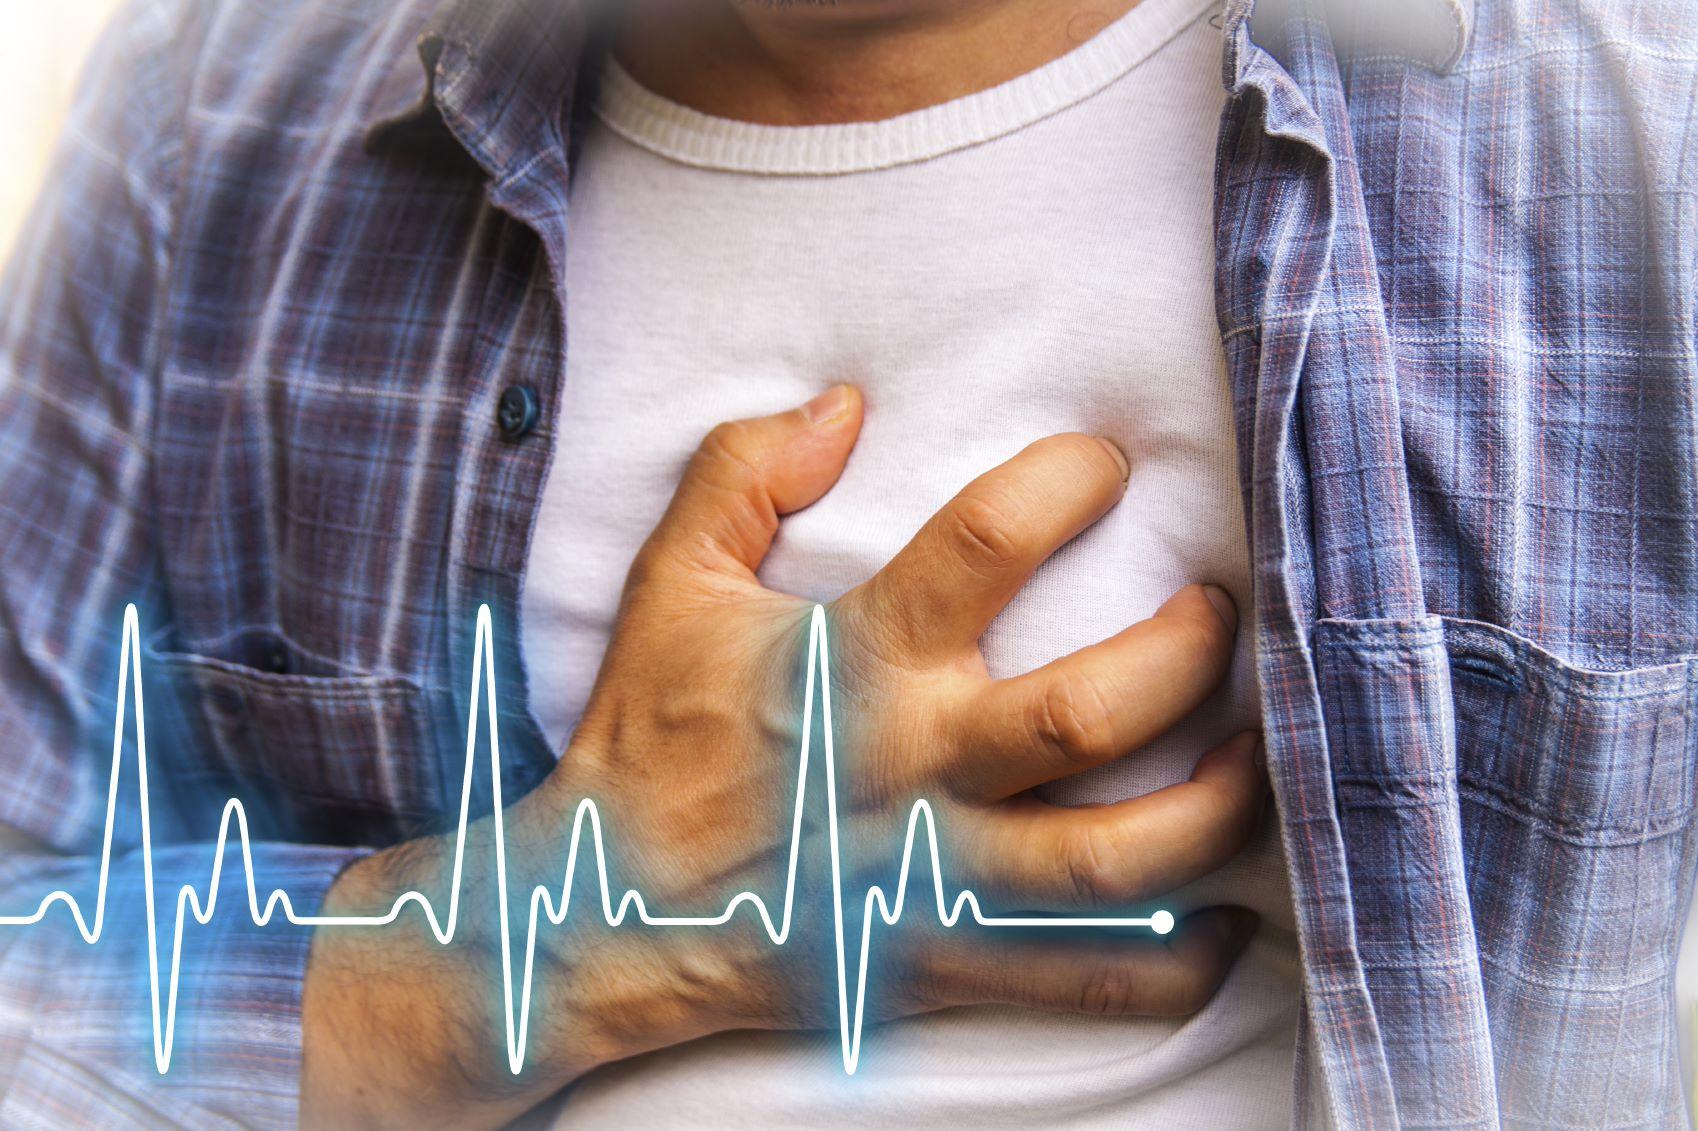 Cảnh báo 7 hậu quả nghiêm trọng của thiếu máu kéo dài